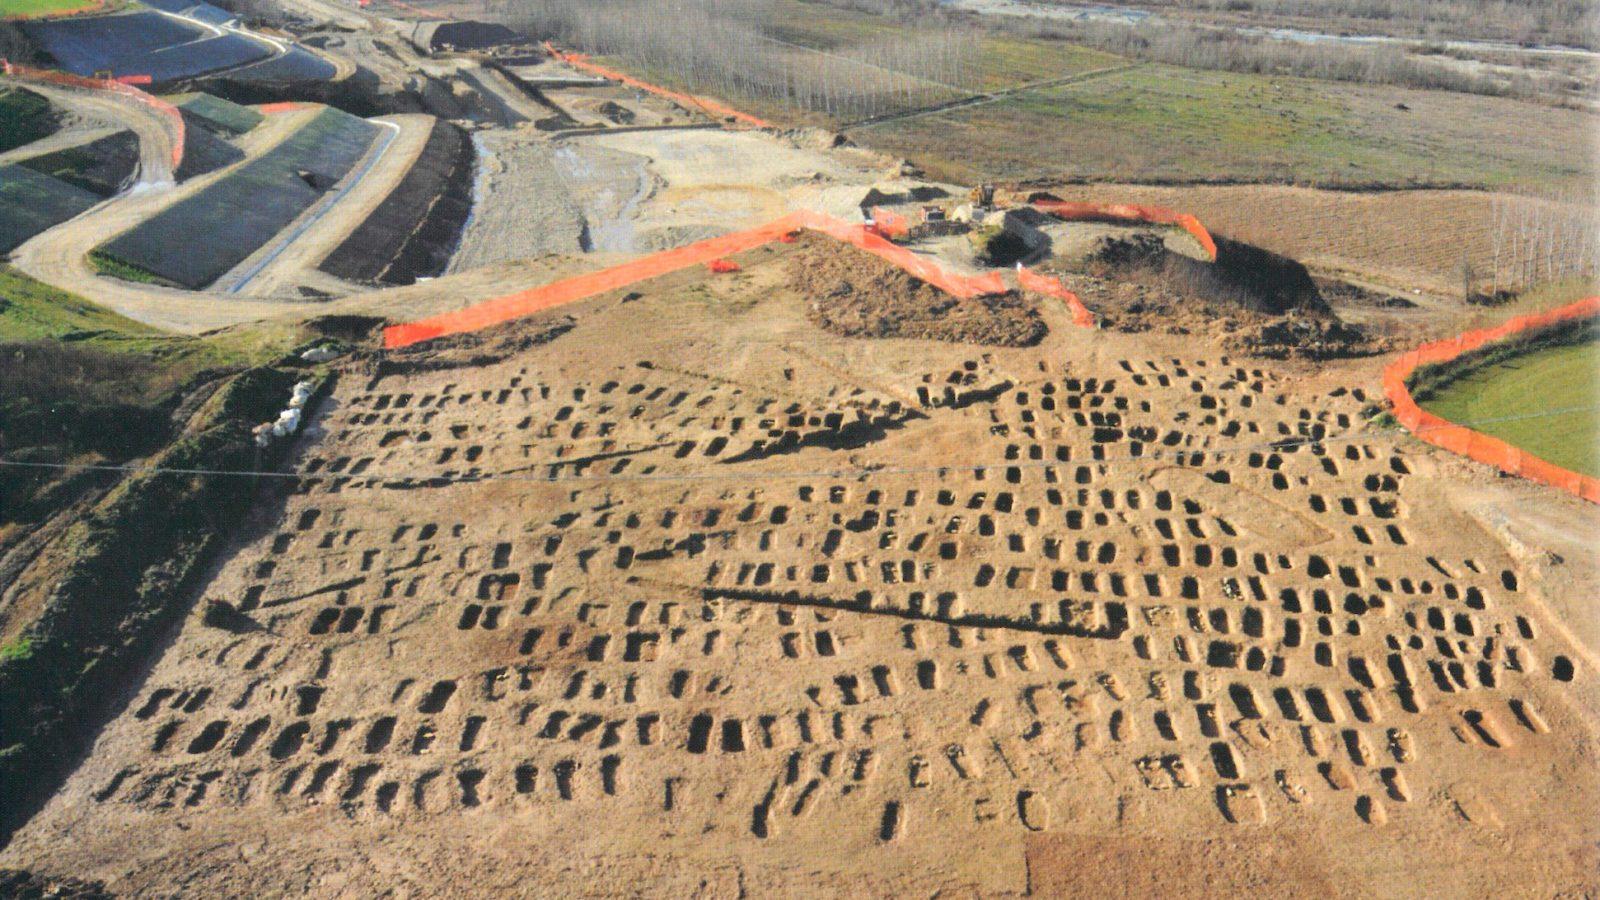 Panoramica della necropoli di Sant'Albano Stura, indagini 2009 (Anas, L'archeologia si fa strada. Scavi, scoperte e tesori lungo le vie d'Italia, 2017)